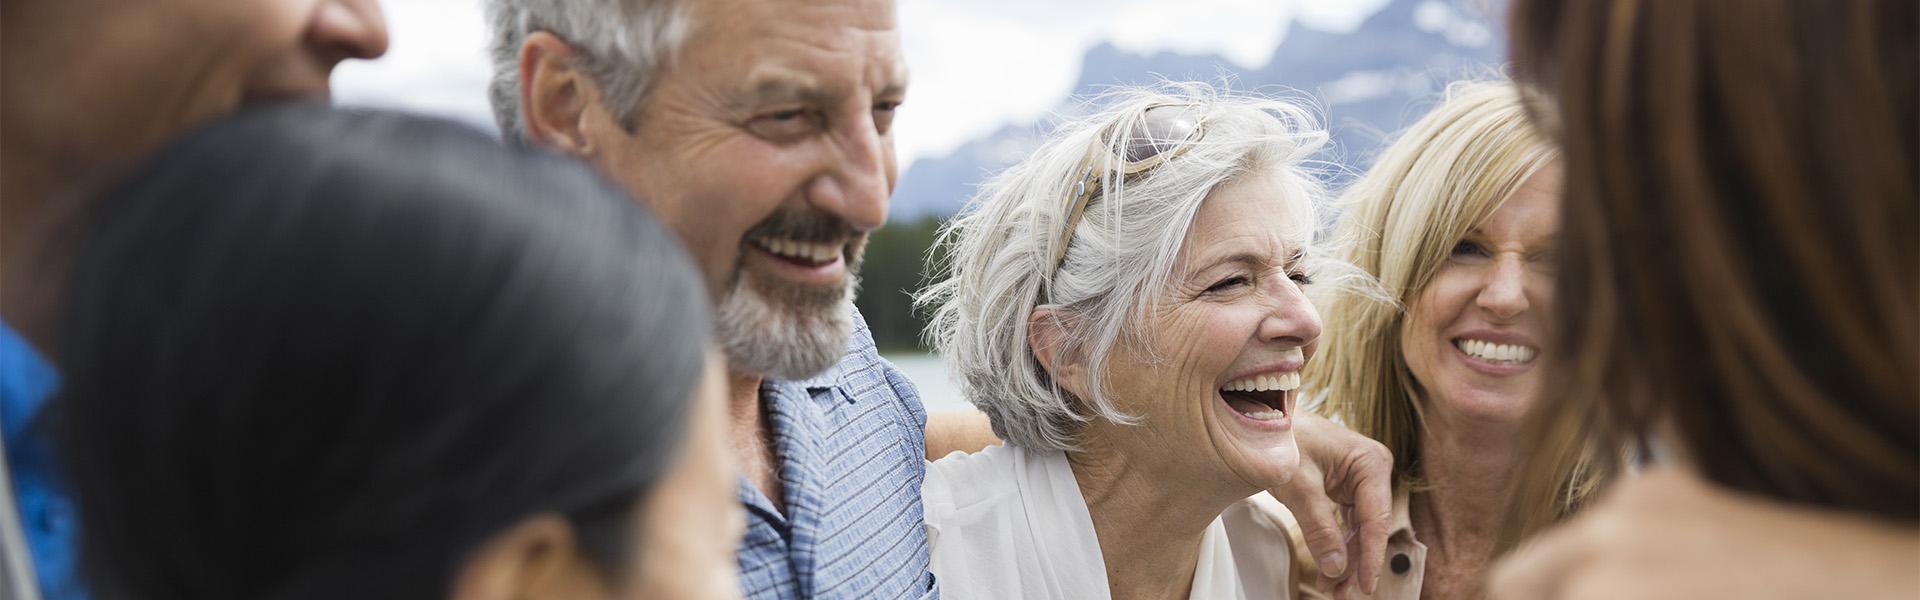 focus-areas-aging